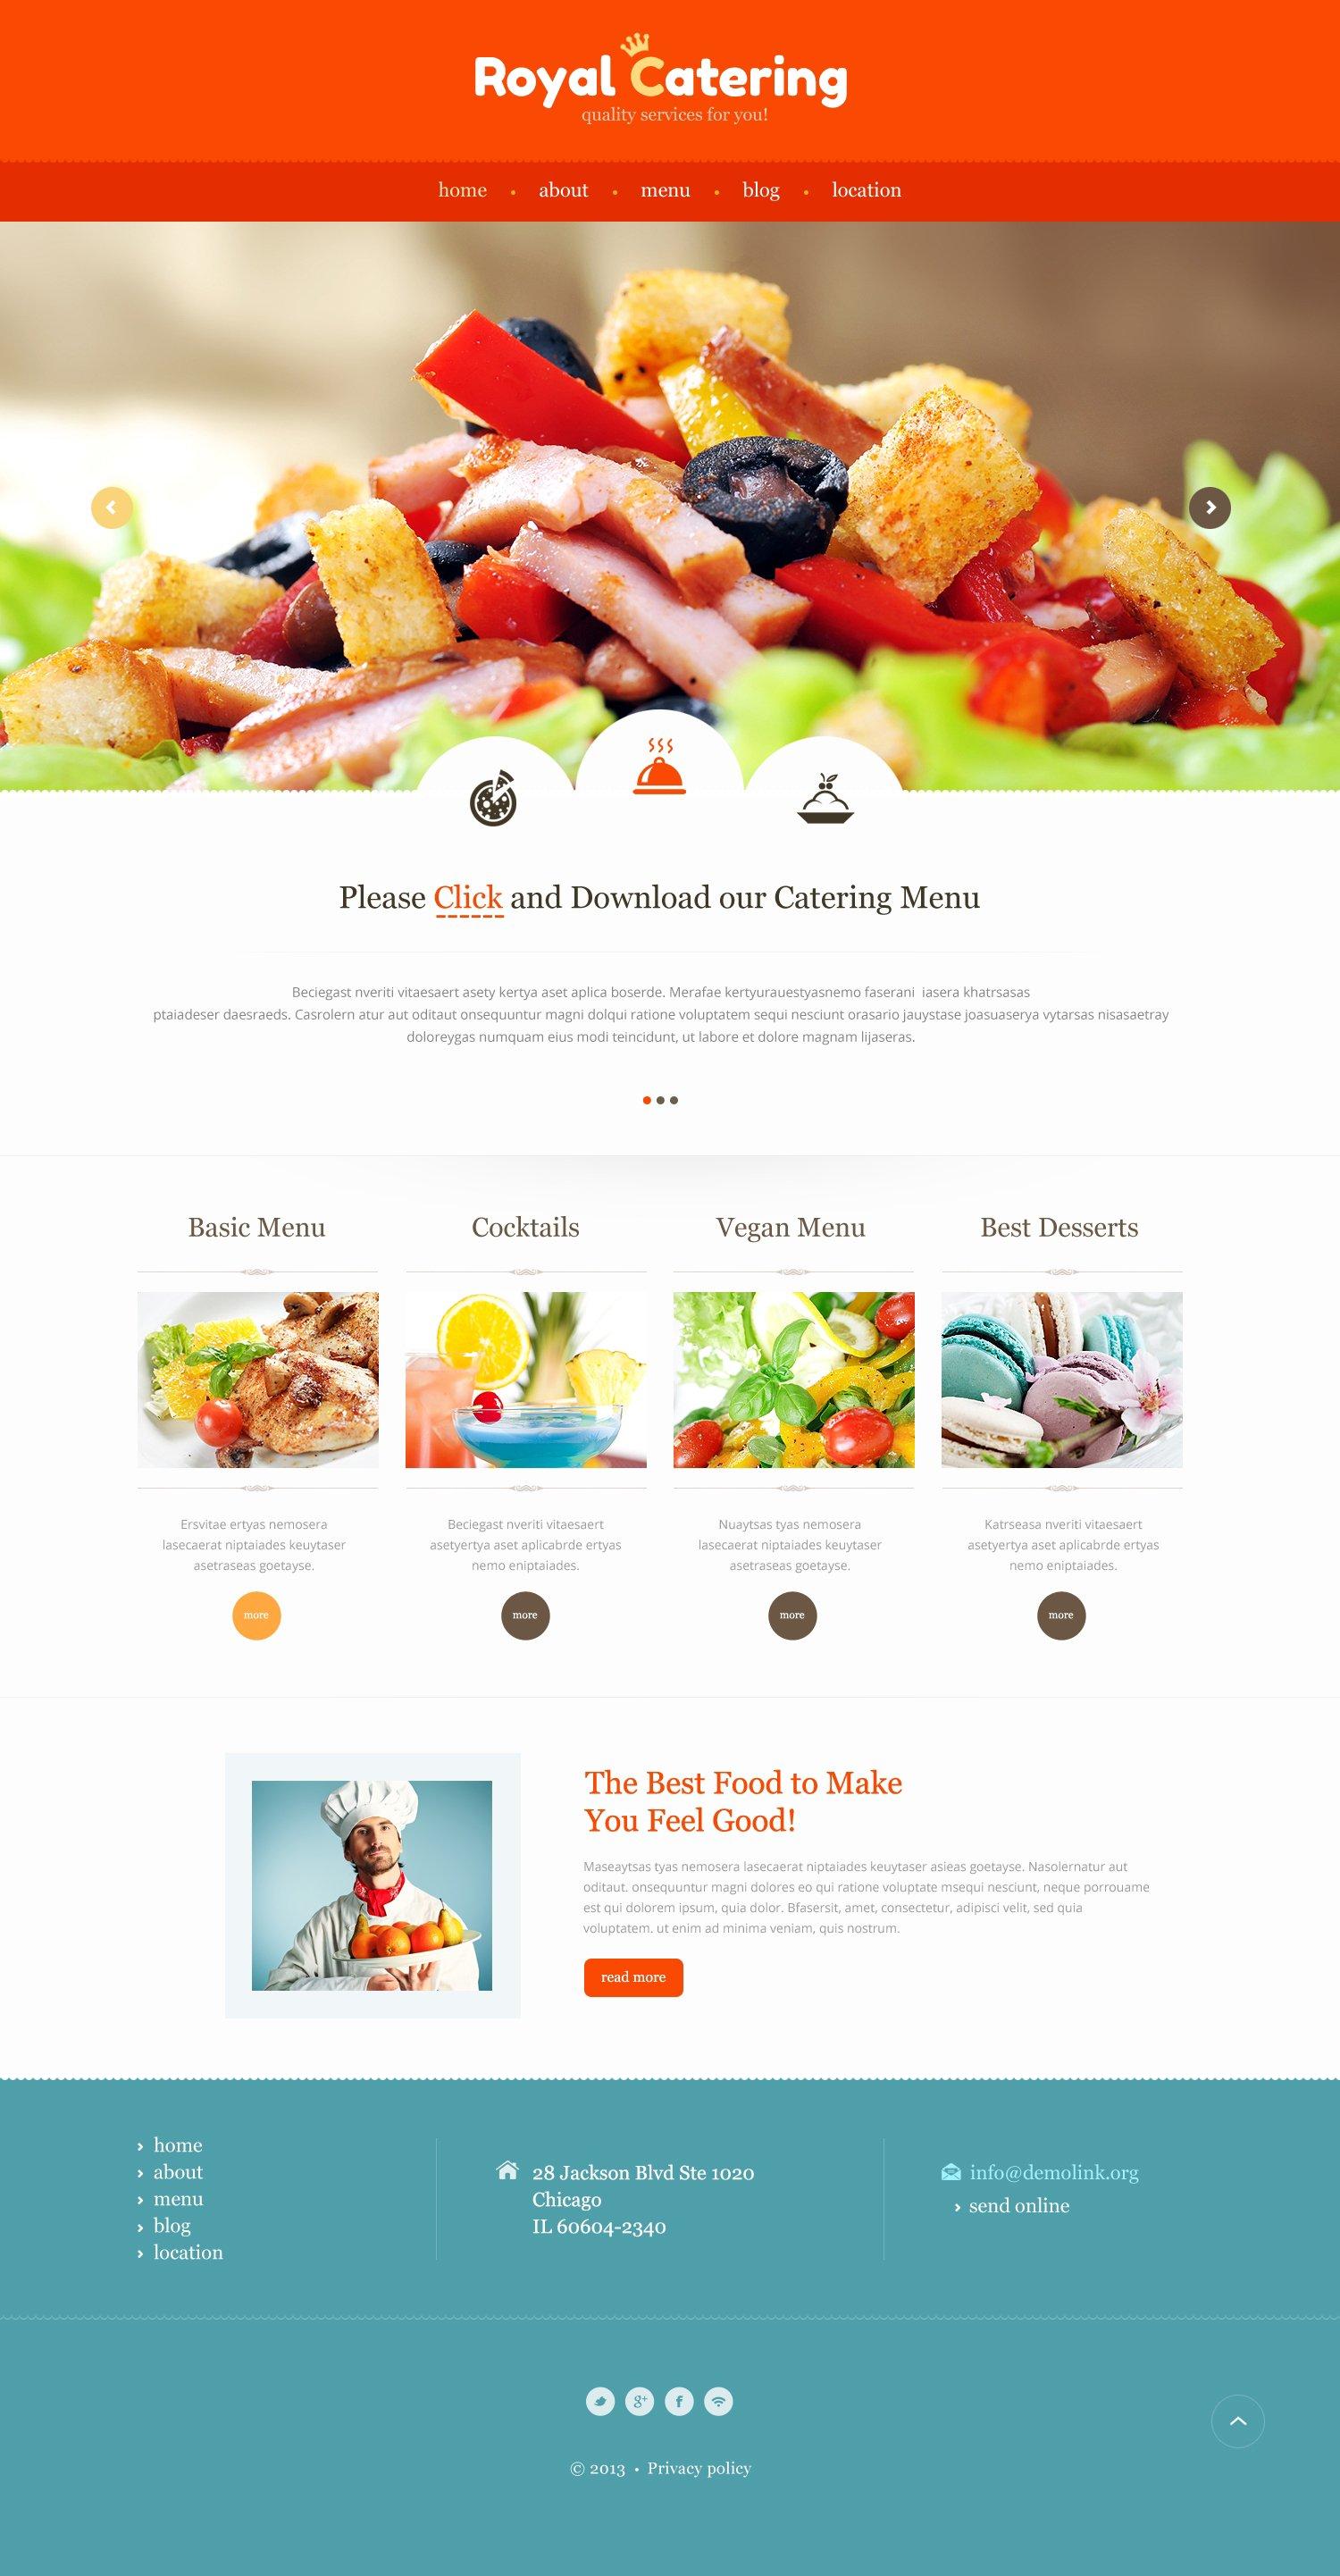 Ausgezeichnet Beispiele Für Catering Menüvorlagen Fotos - Entry ...